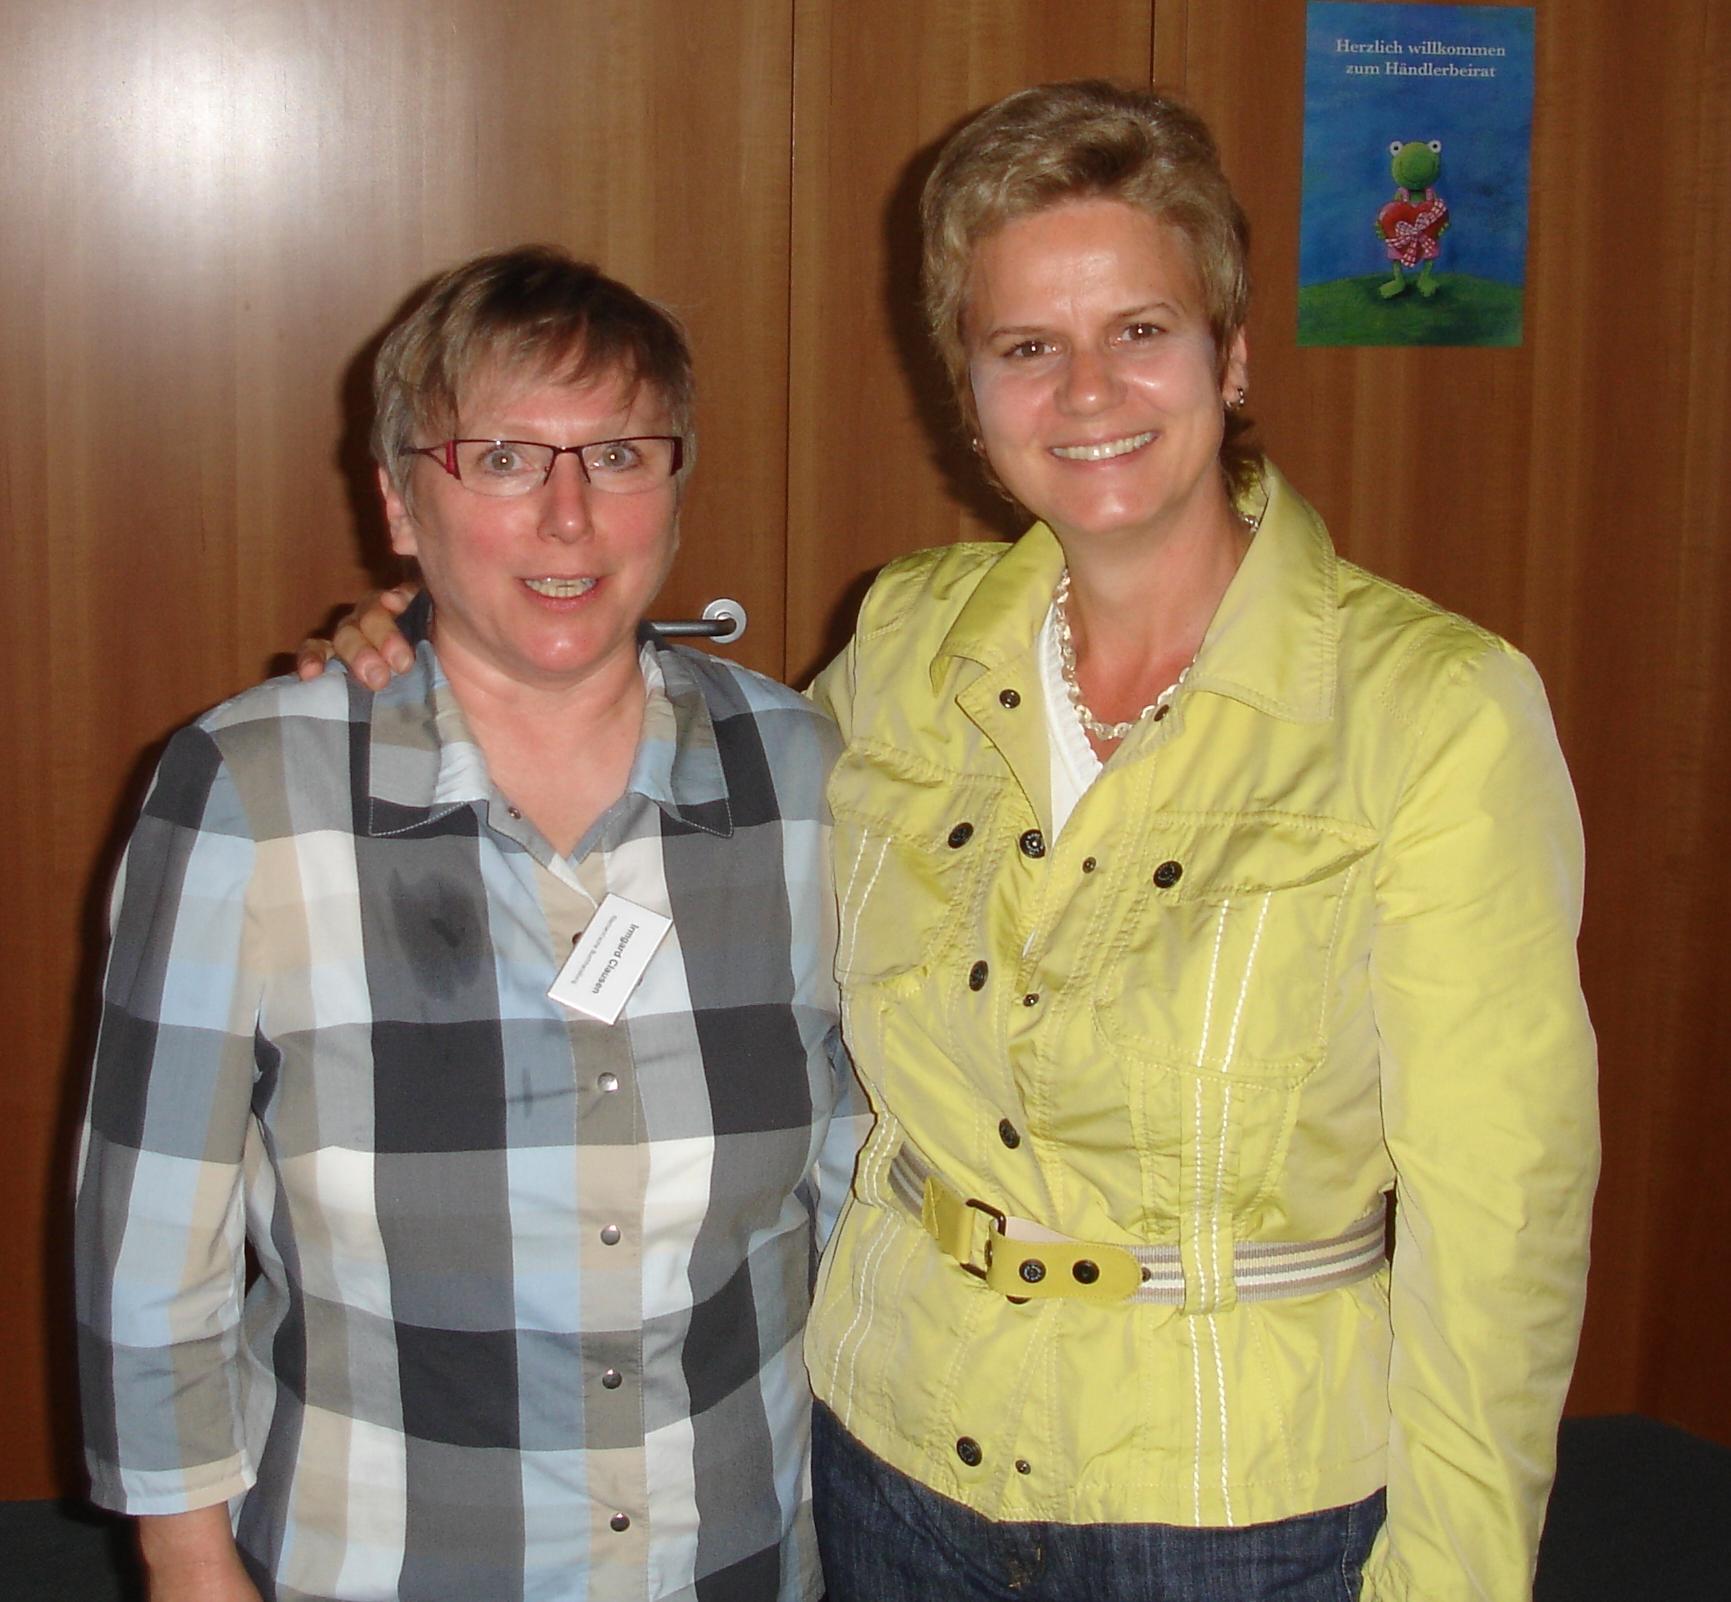 Mit Irmgard Claußen, Buchhandlung Riemann, Coburg